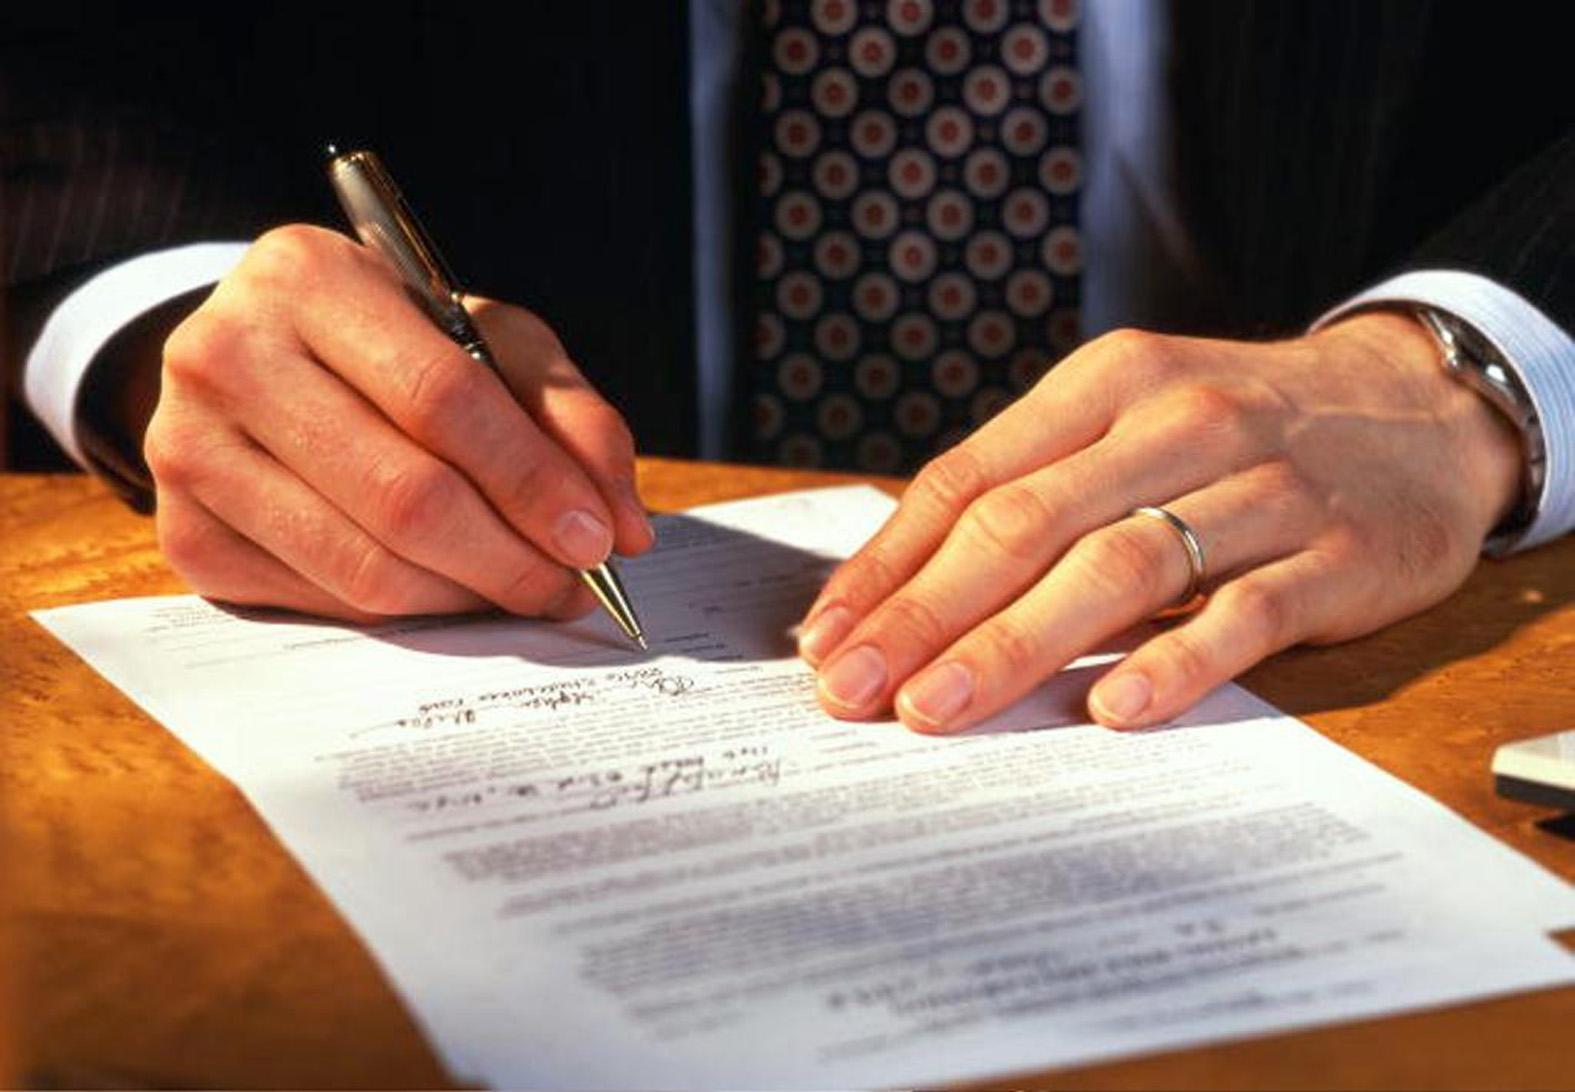 внести изменения в бланк лицензии мчс